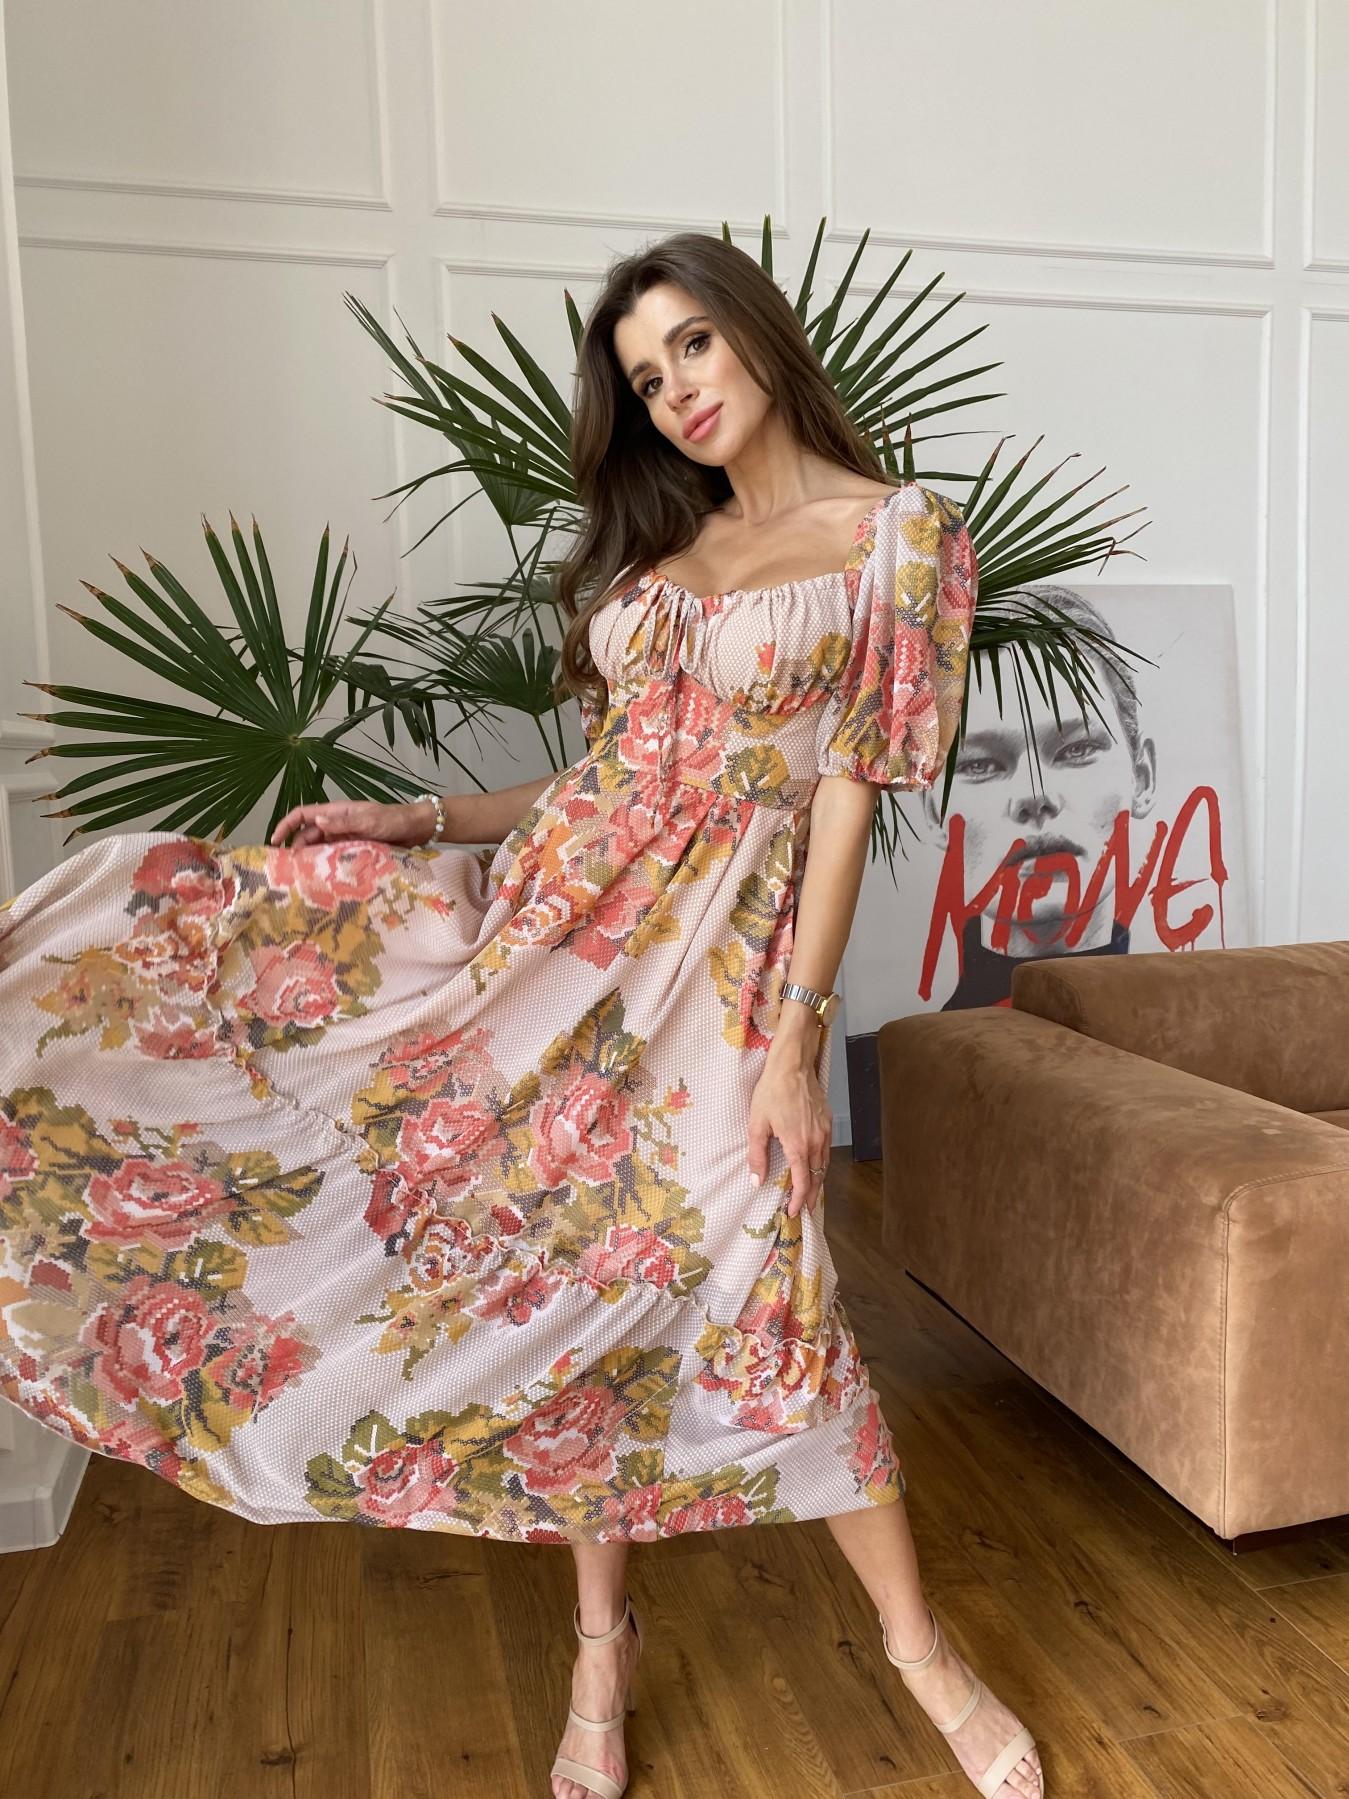 Лоретта платье из шифона в принт 11468 АРТ. 48252 Цвет: Беж.Св/Беж вышивка - фото 2, интернет магазин tm-modus.ru